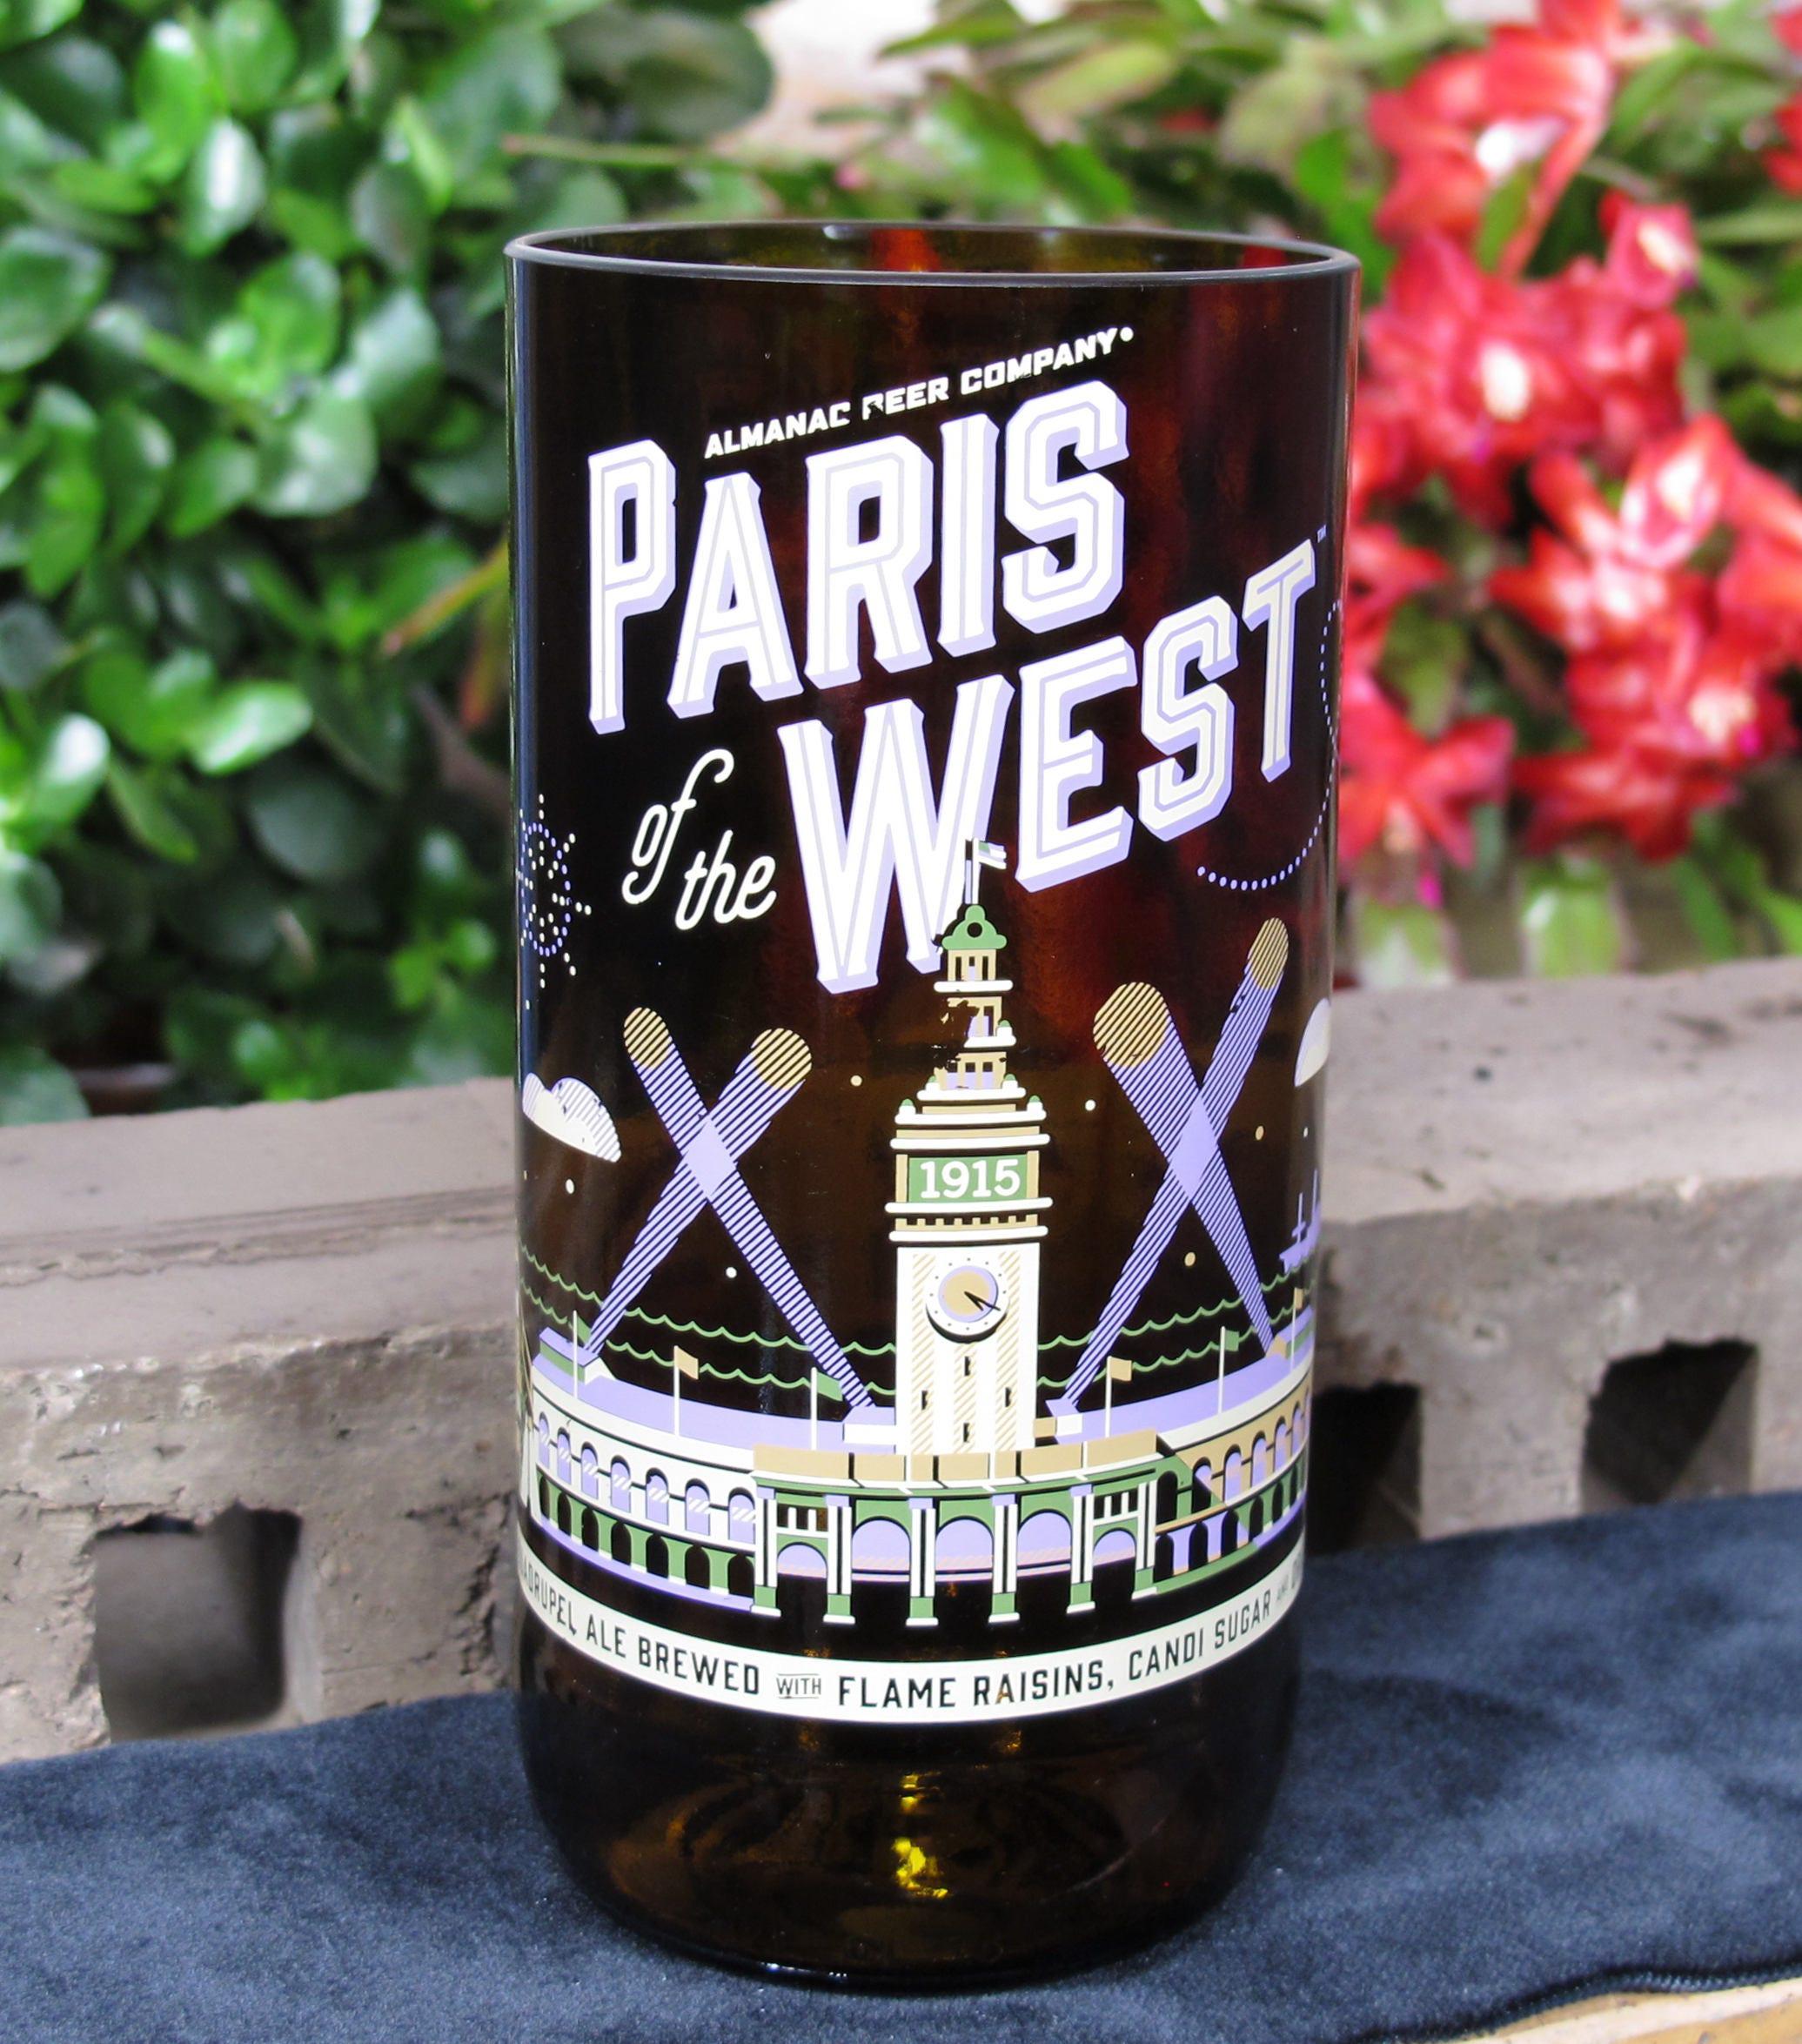 almanac beer company paris west IPA unique beer gifts beer | Etsy